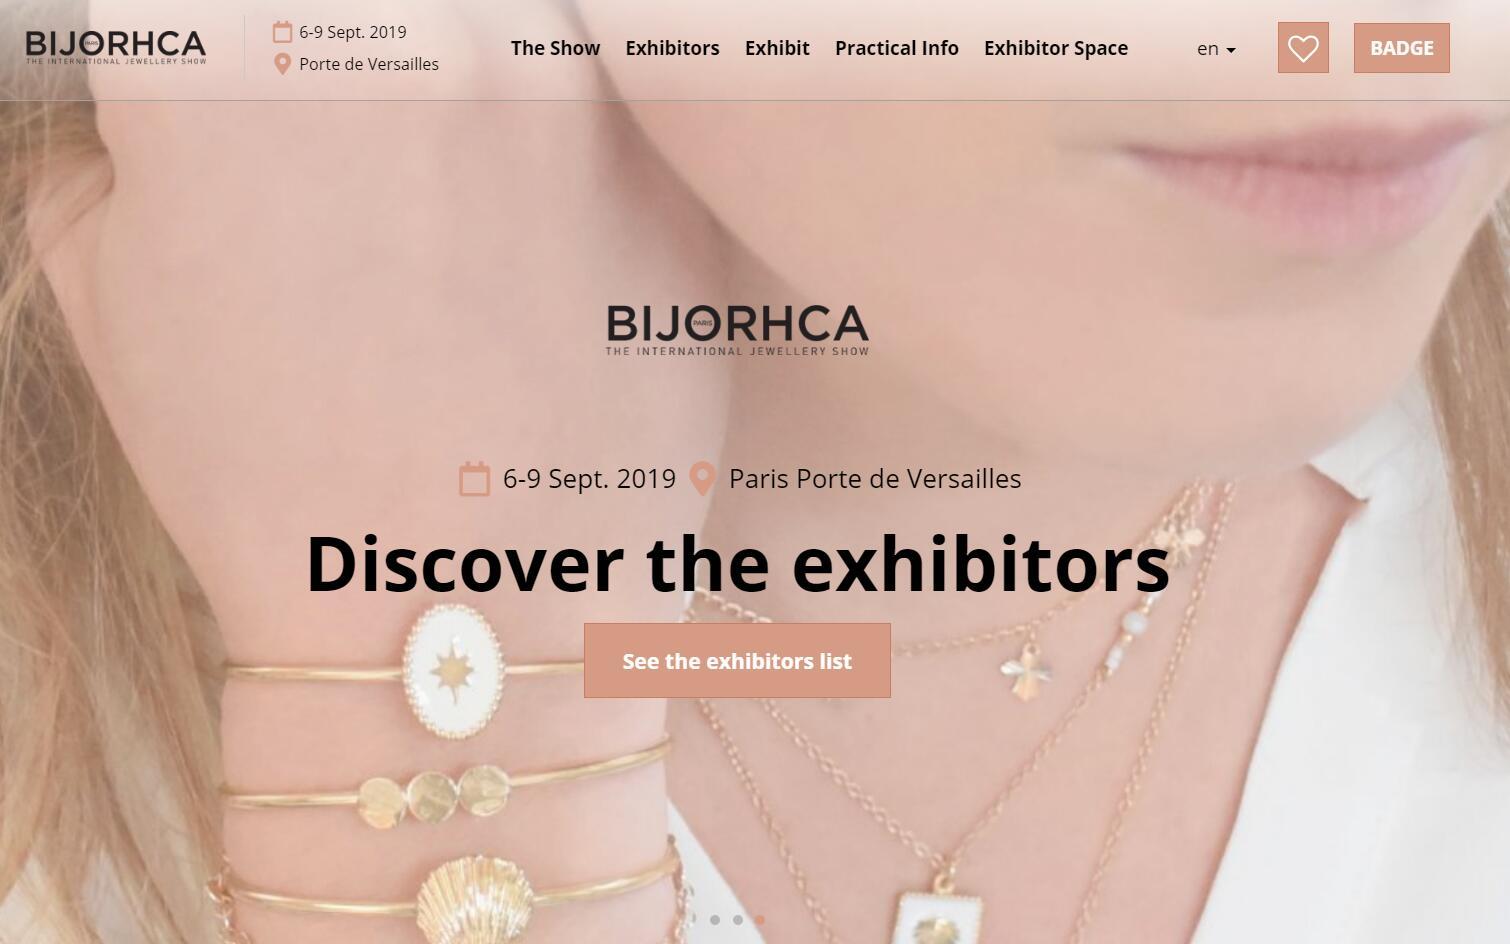 法国珠宝贸易展 Bijorhca 展区升级,将于9月6日开幕